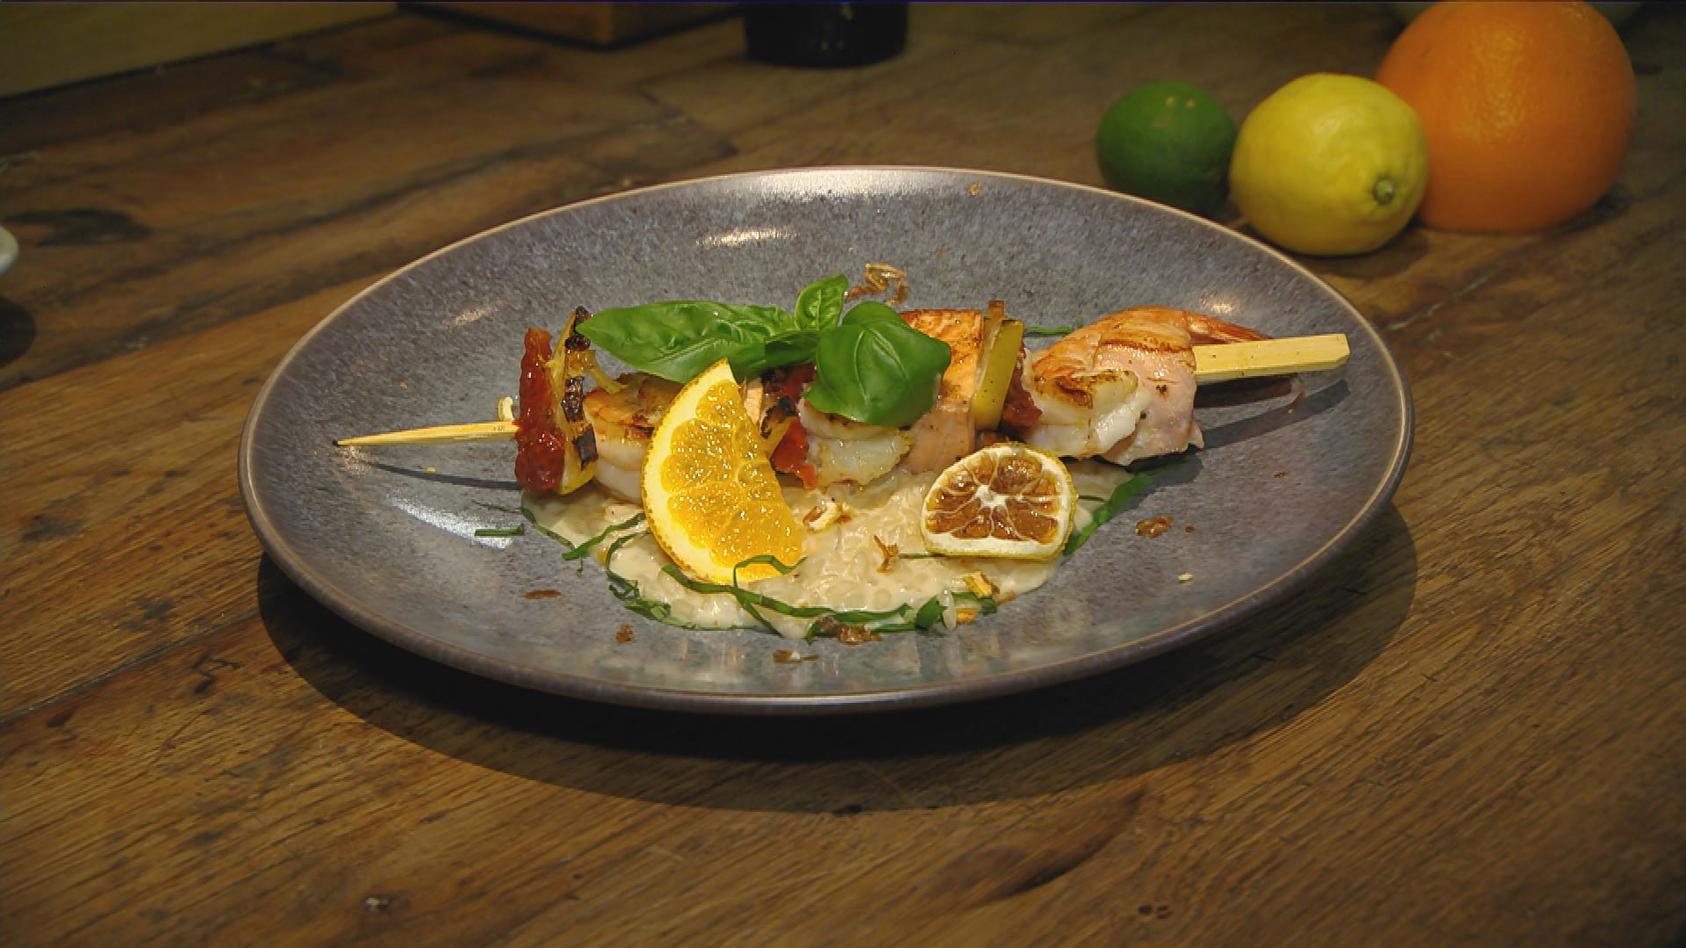 Edel aber einfach – Das perfekte Dinner für Zuhause: Zitronen-Risotto mit Lachs-Garnelenspieß